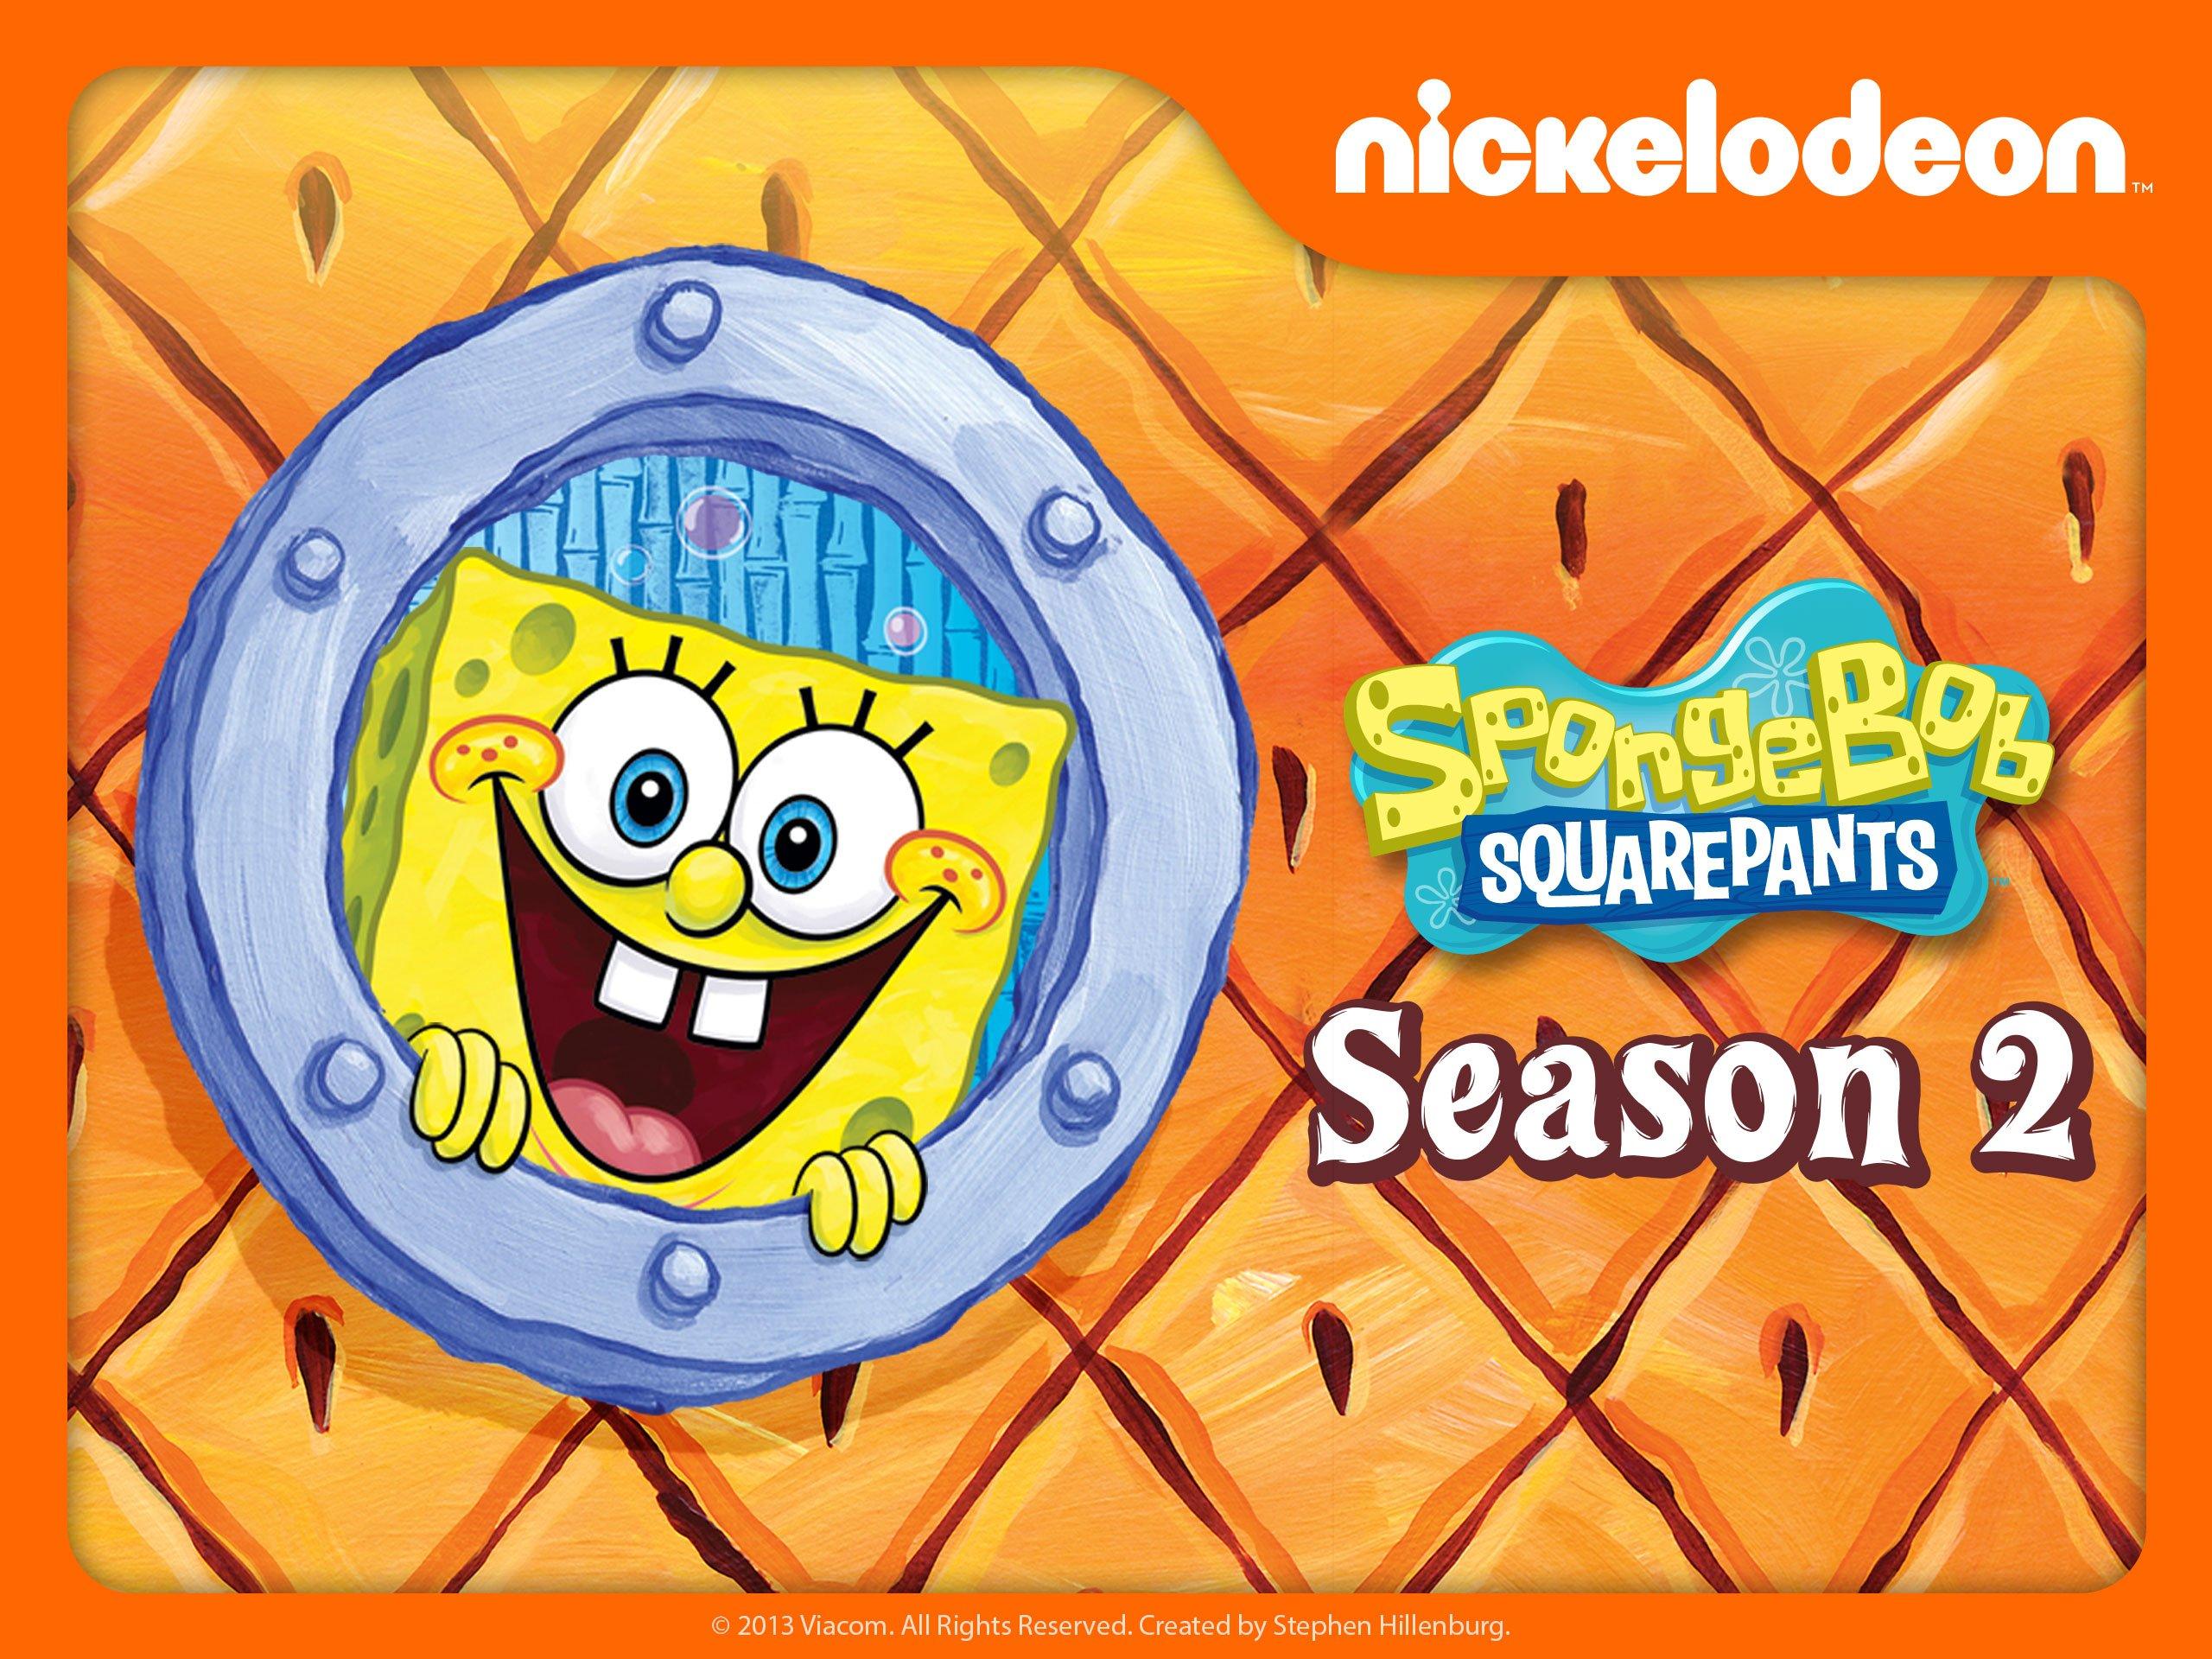 amazon com spongebob squarepants season 2 amazon digital